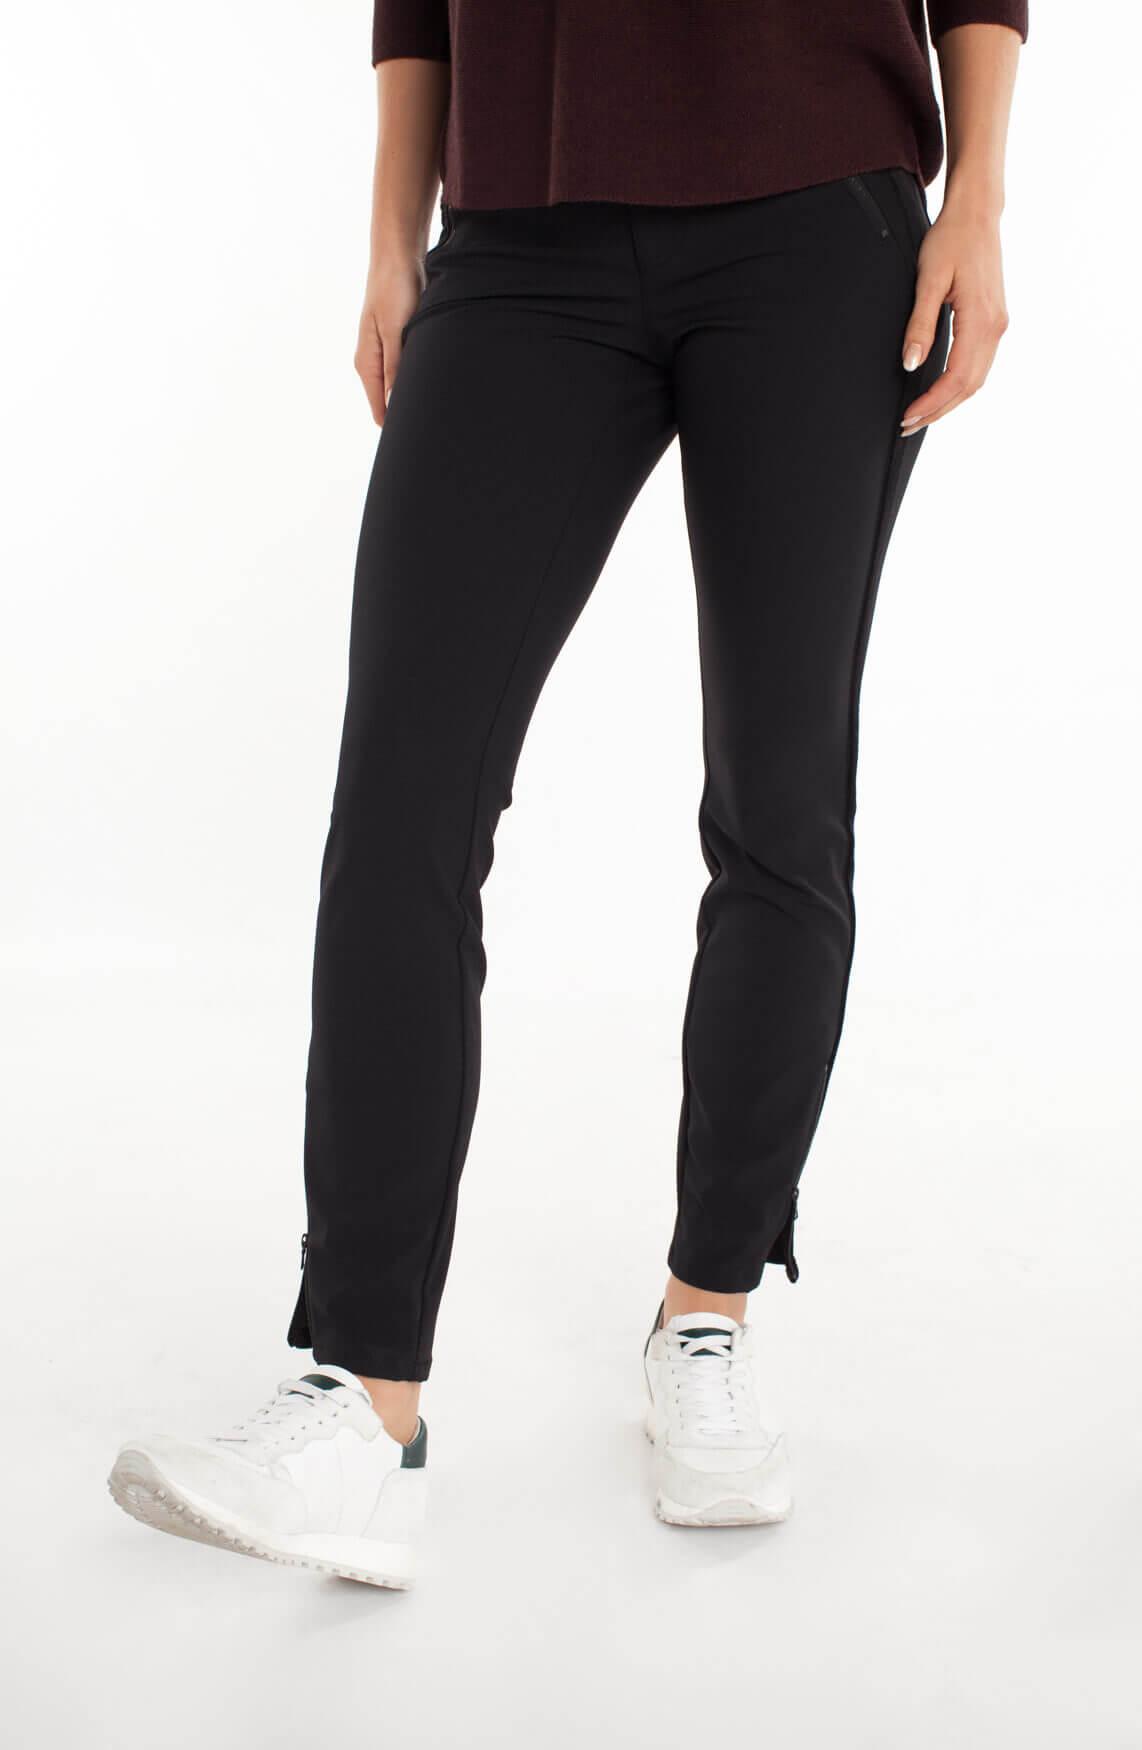 Cambio Dames Parla zip pantalon met fluwelen bies zwart